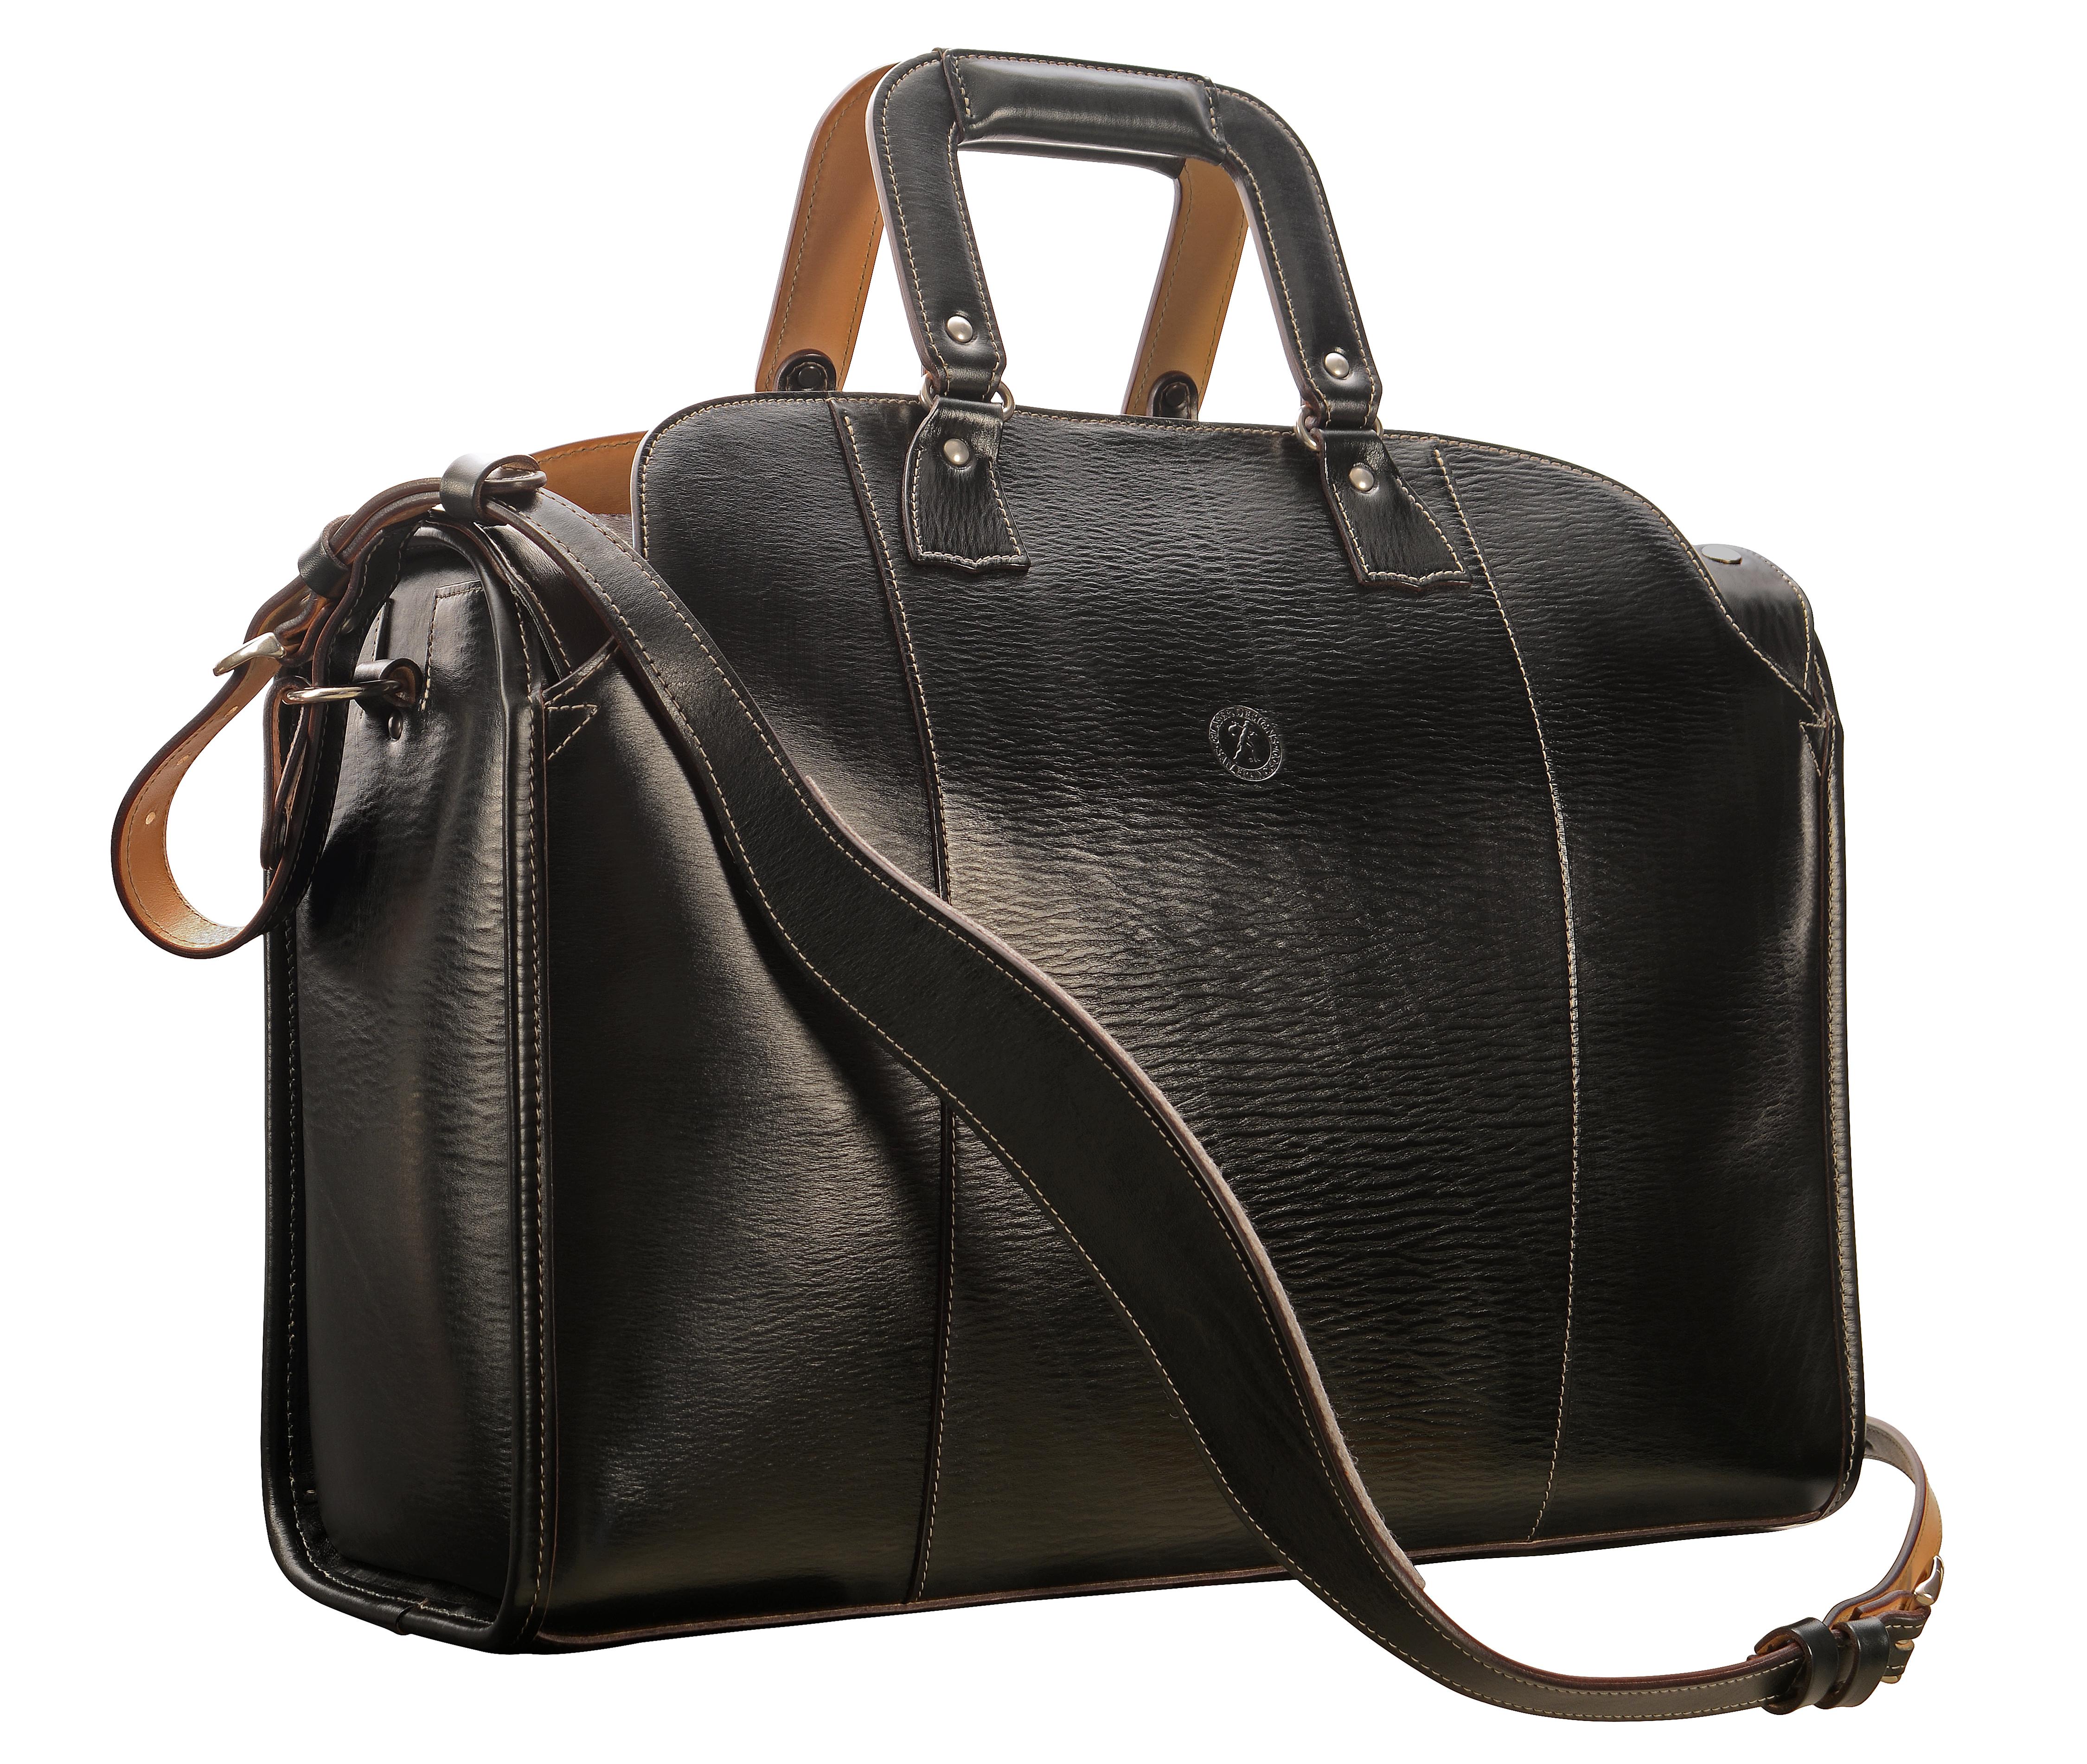 Handbag deals